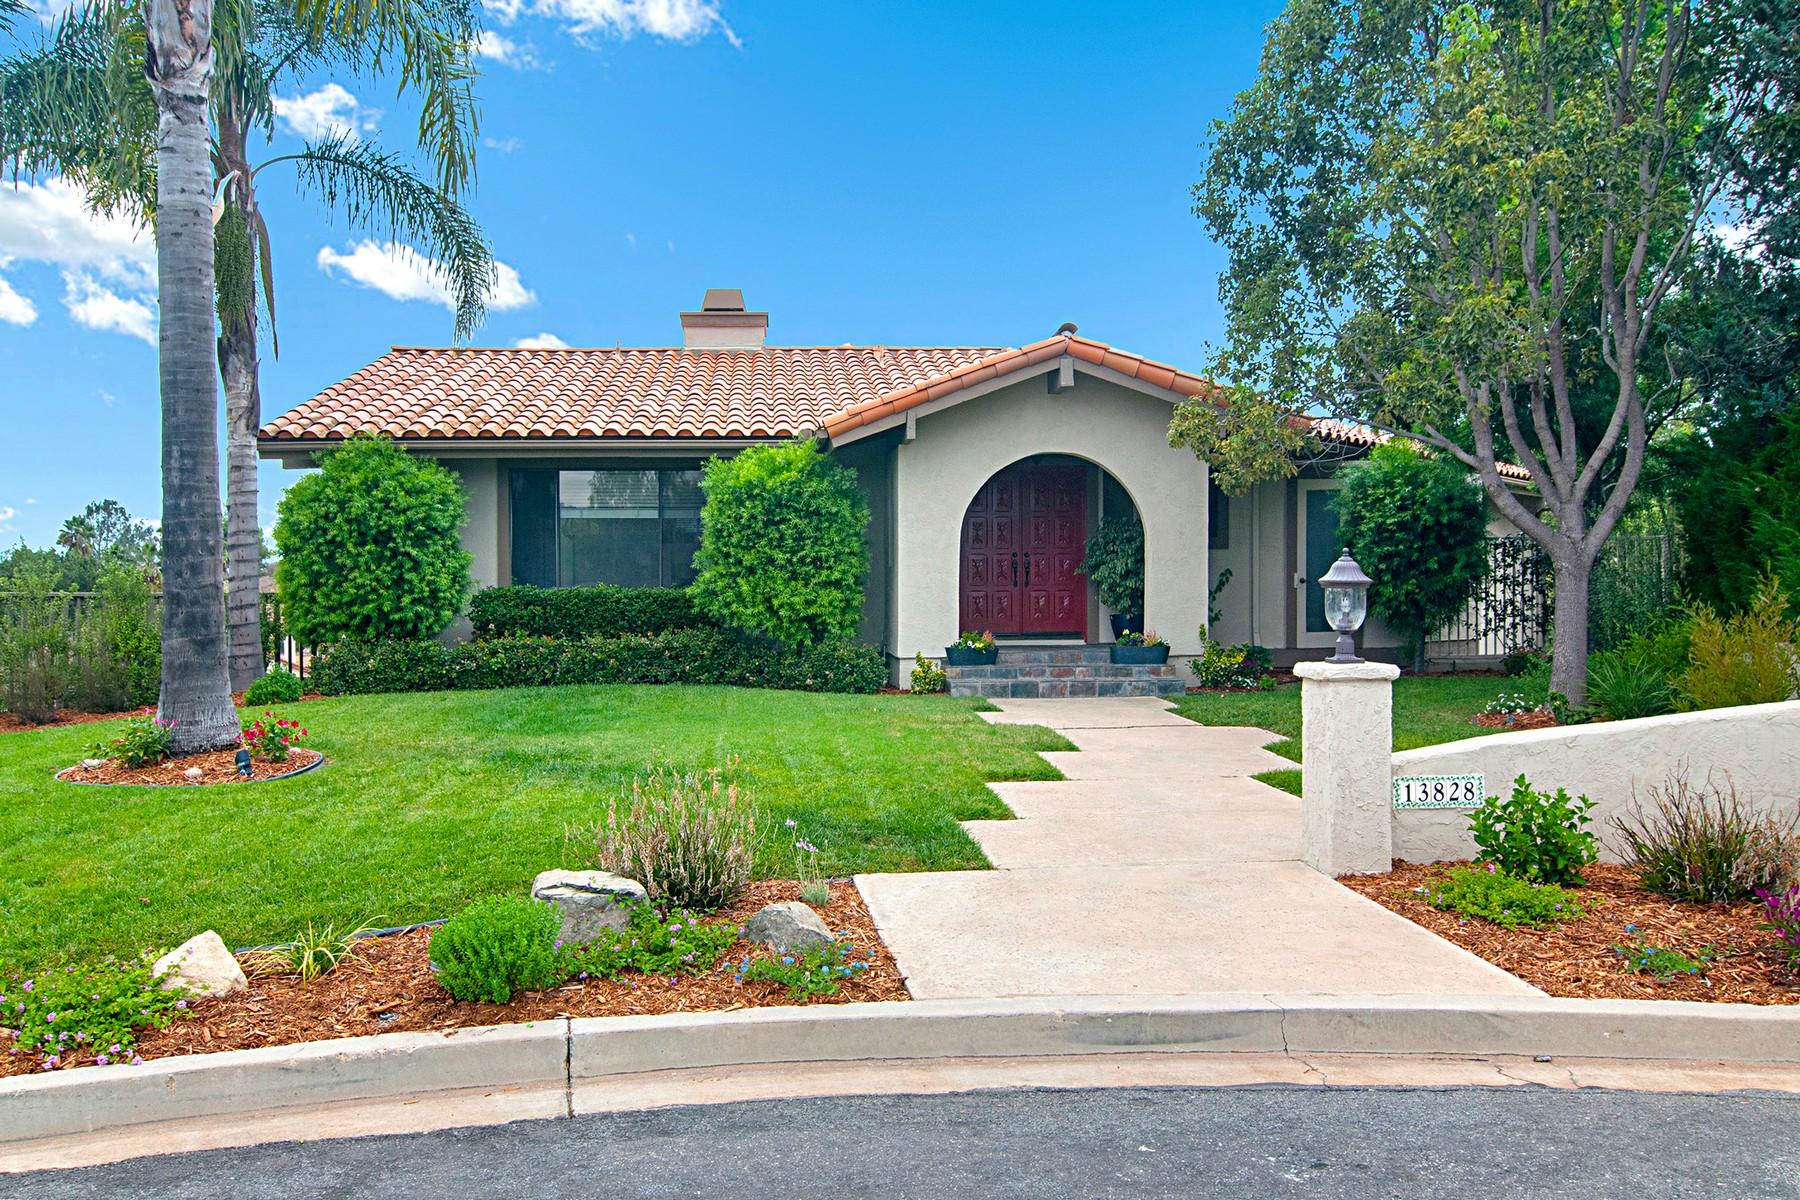 Villa per Vendita alle ore 13828 Tam O Shanter Court Poway, California 92064 Stati Uniti